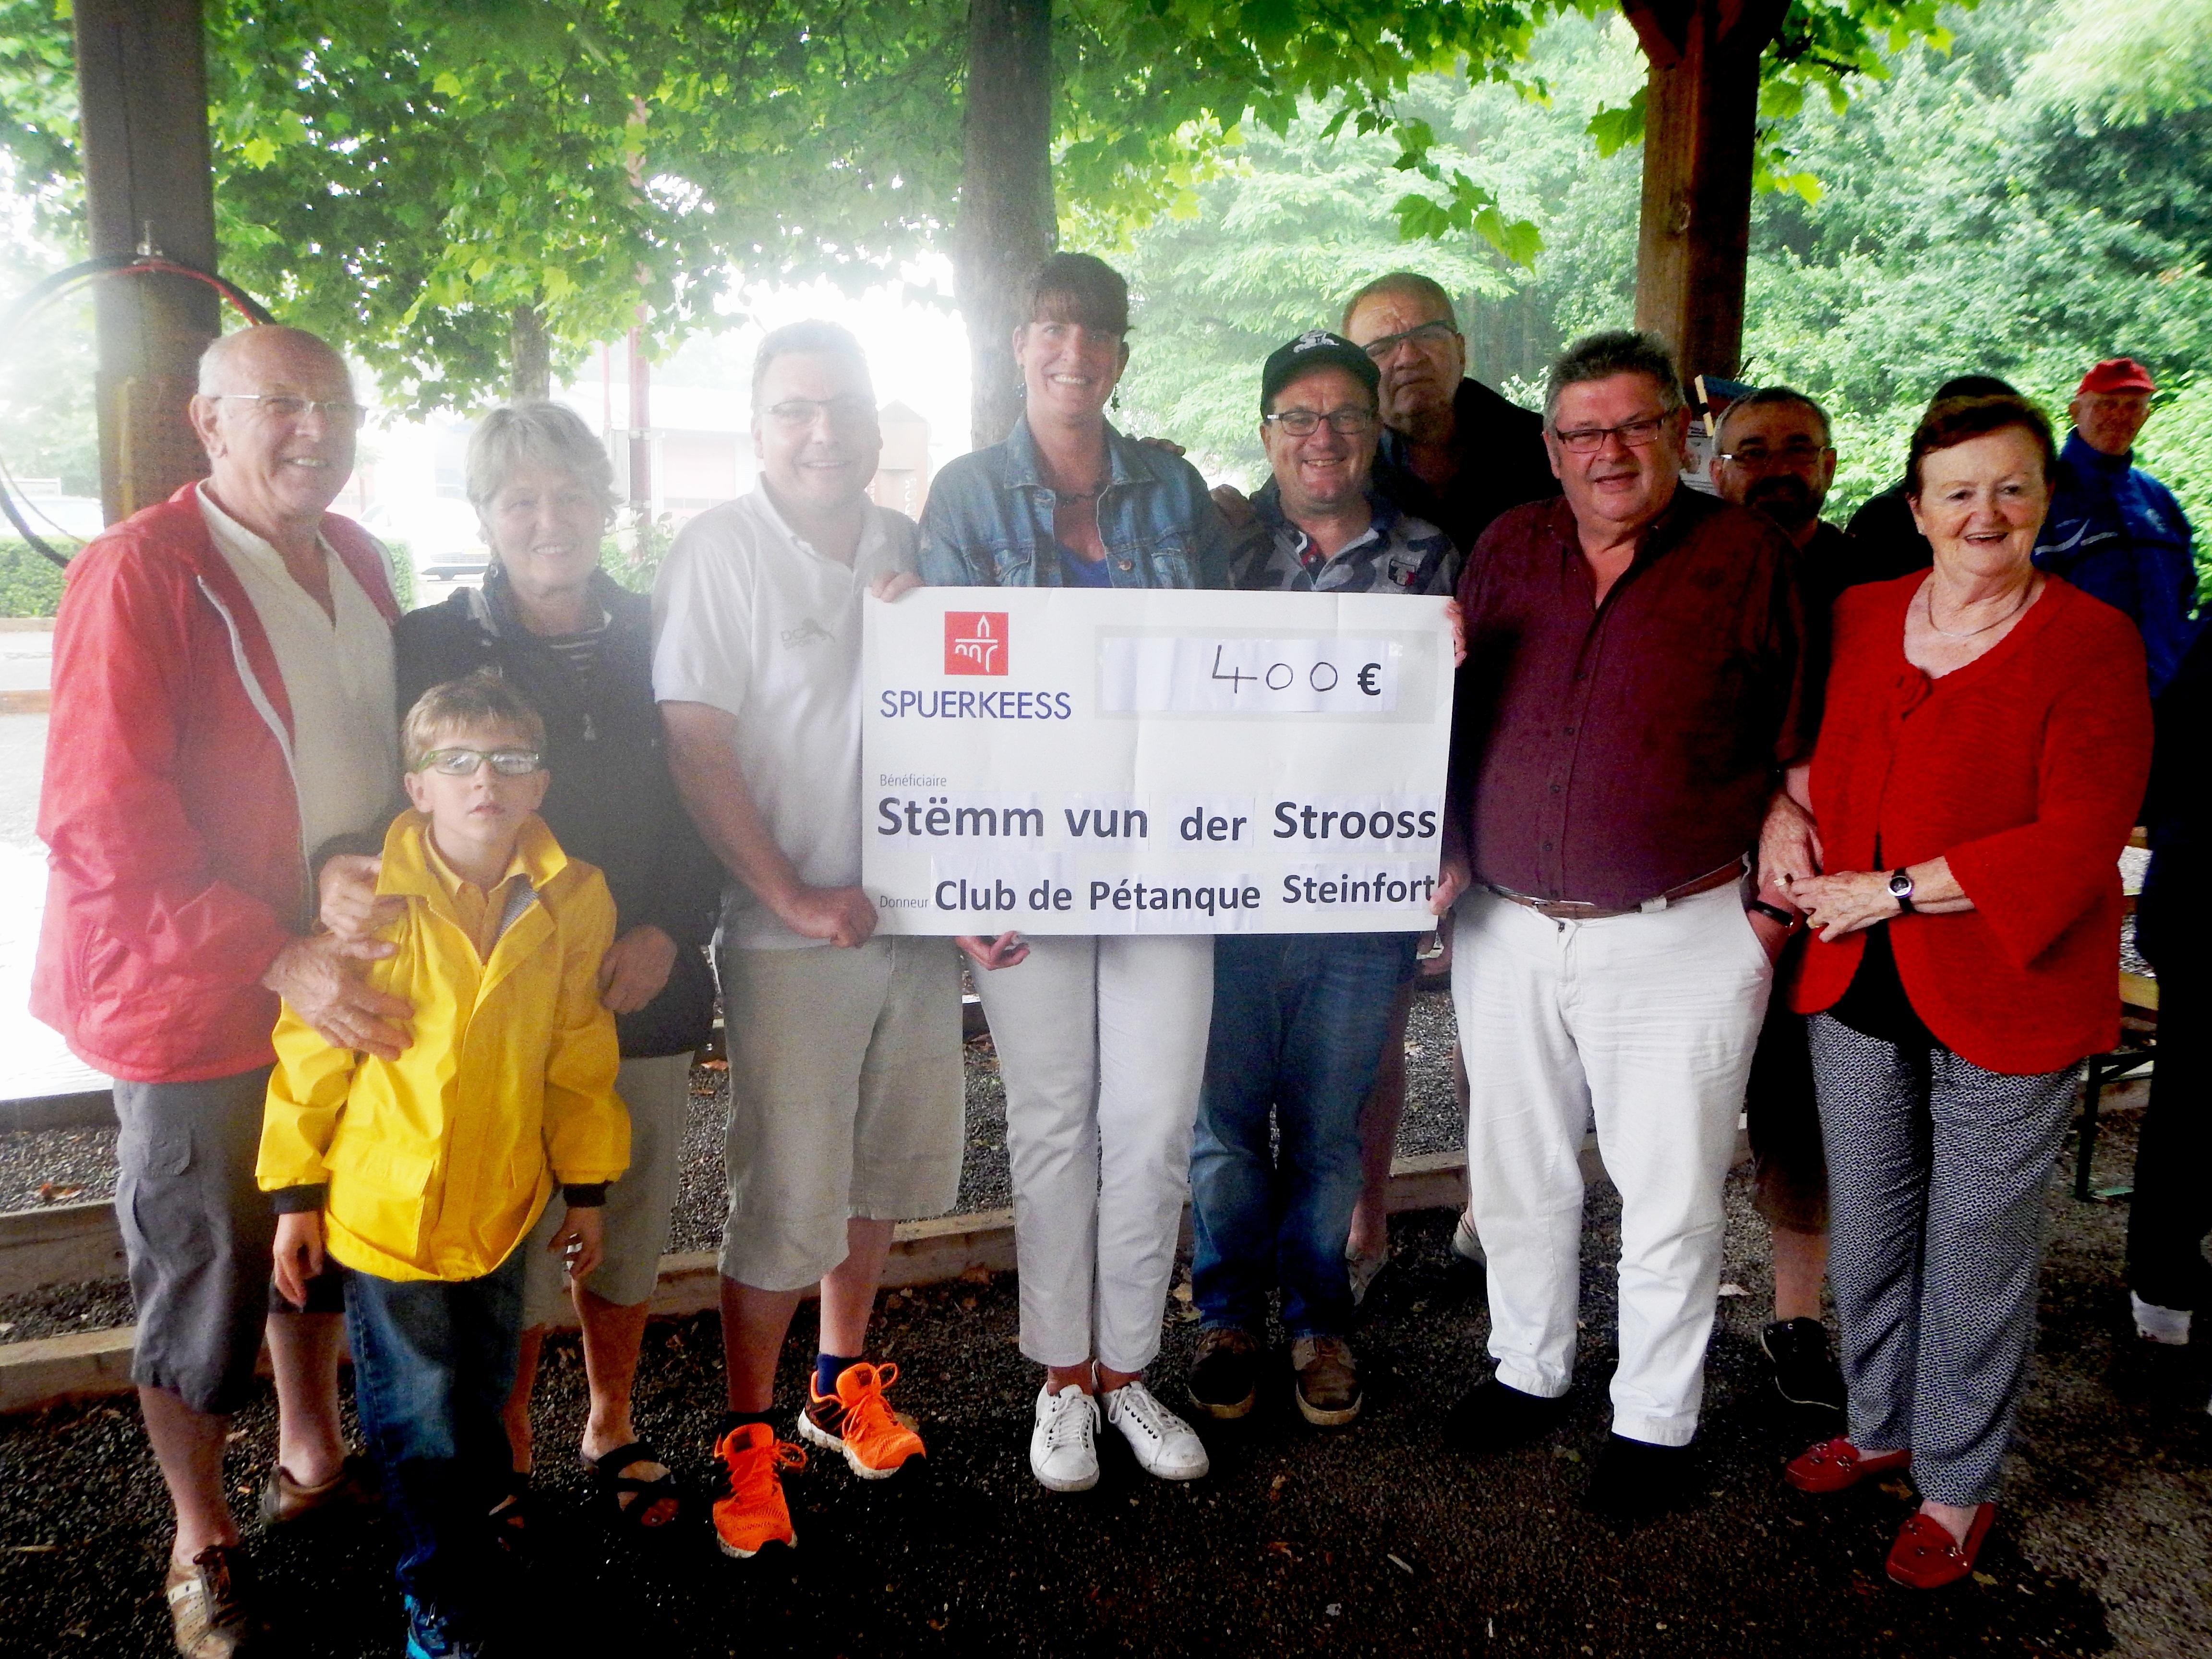 Steinfort Pétanque Club supports Stëmm vun der Strooss